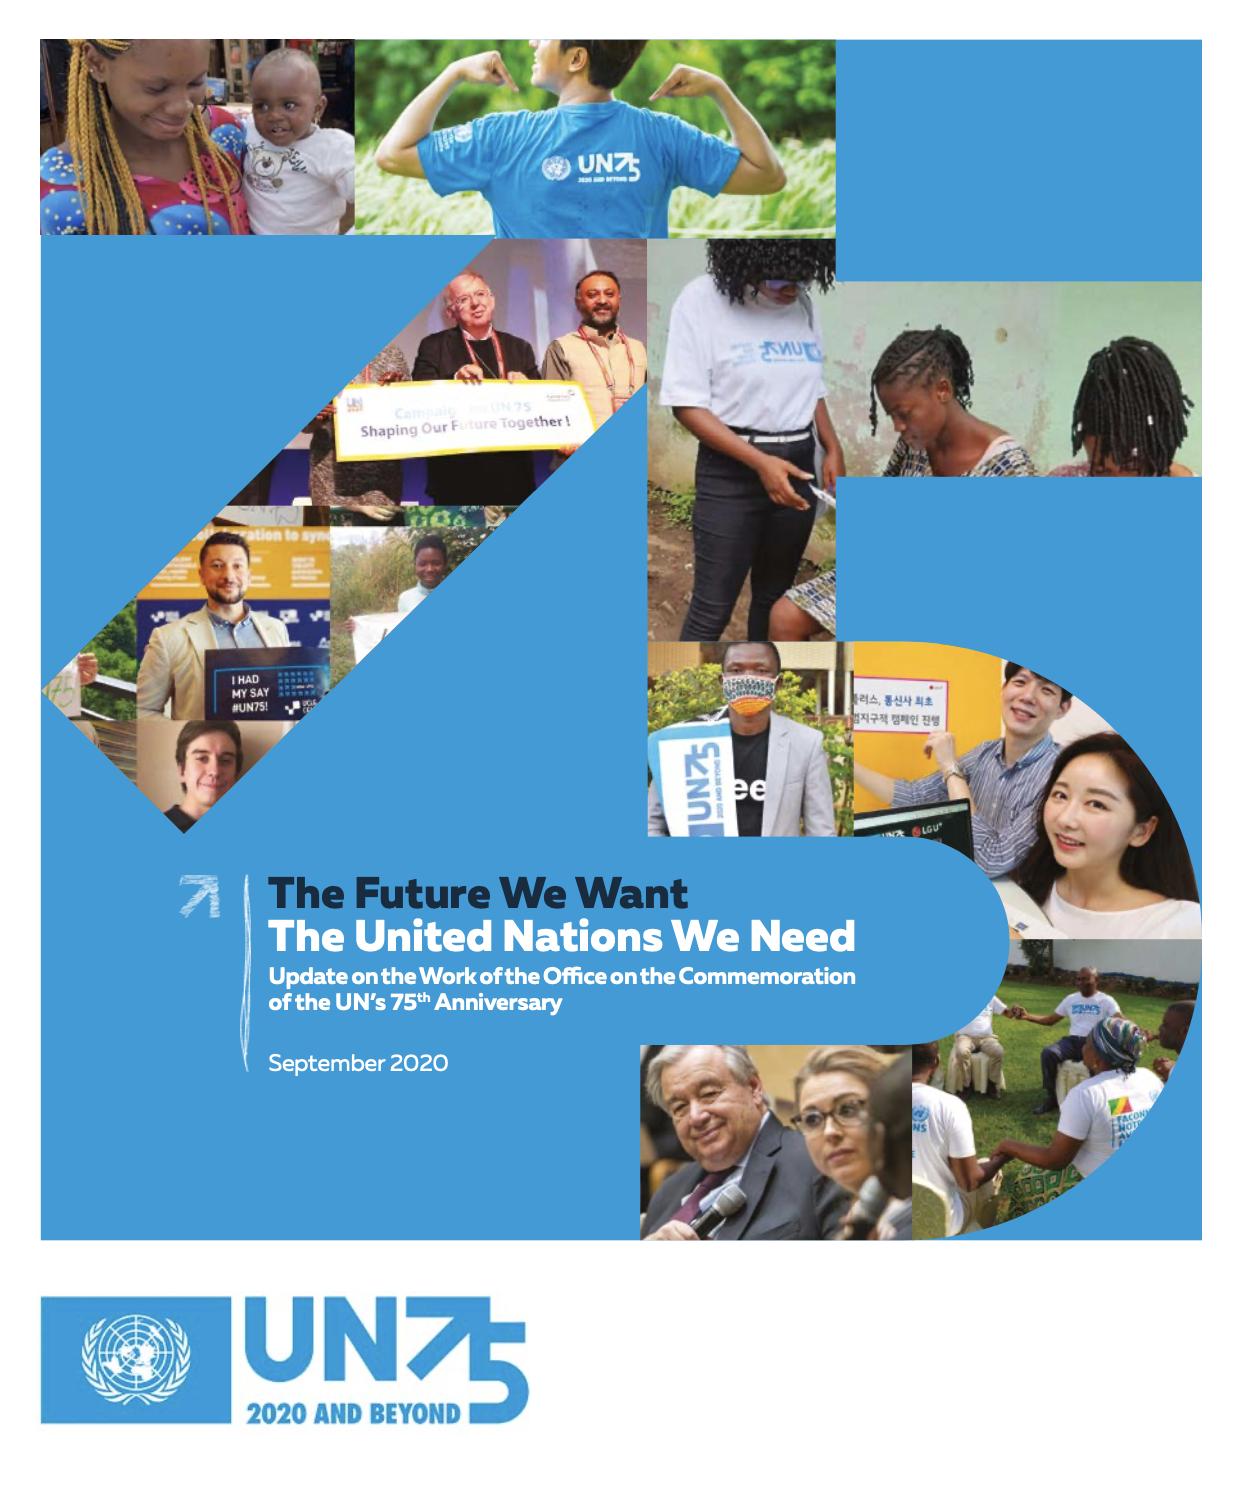 El futuro que queremos. Las Naciones Unidas que necesitamos.